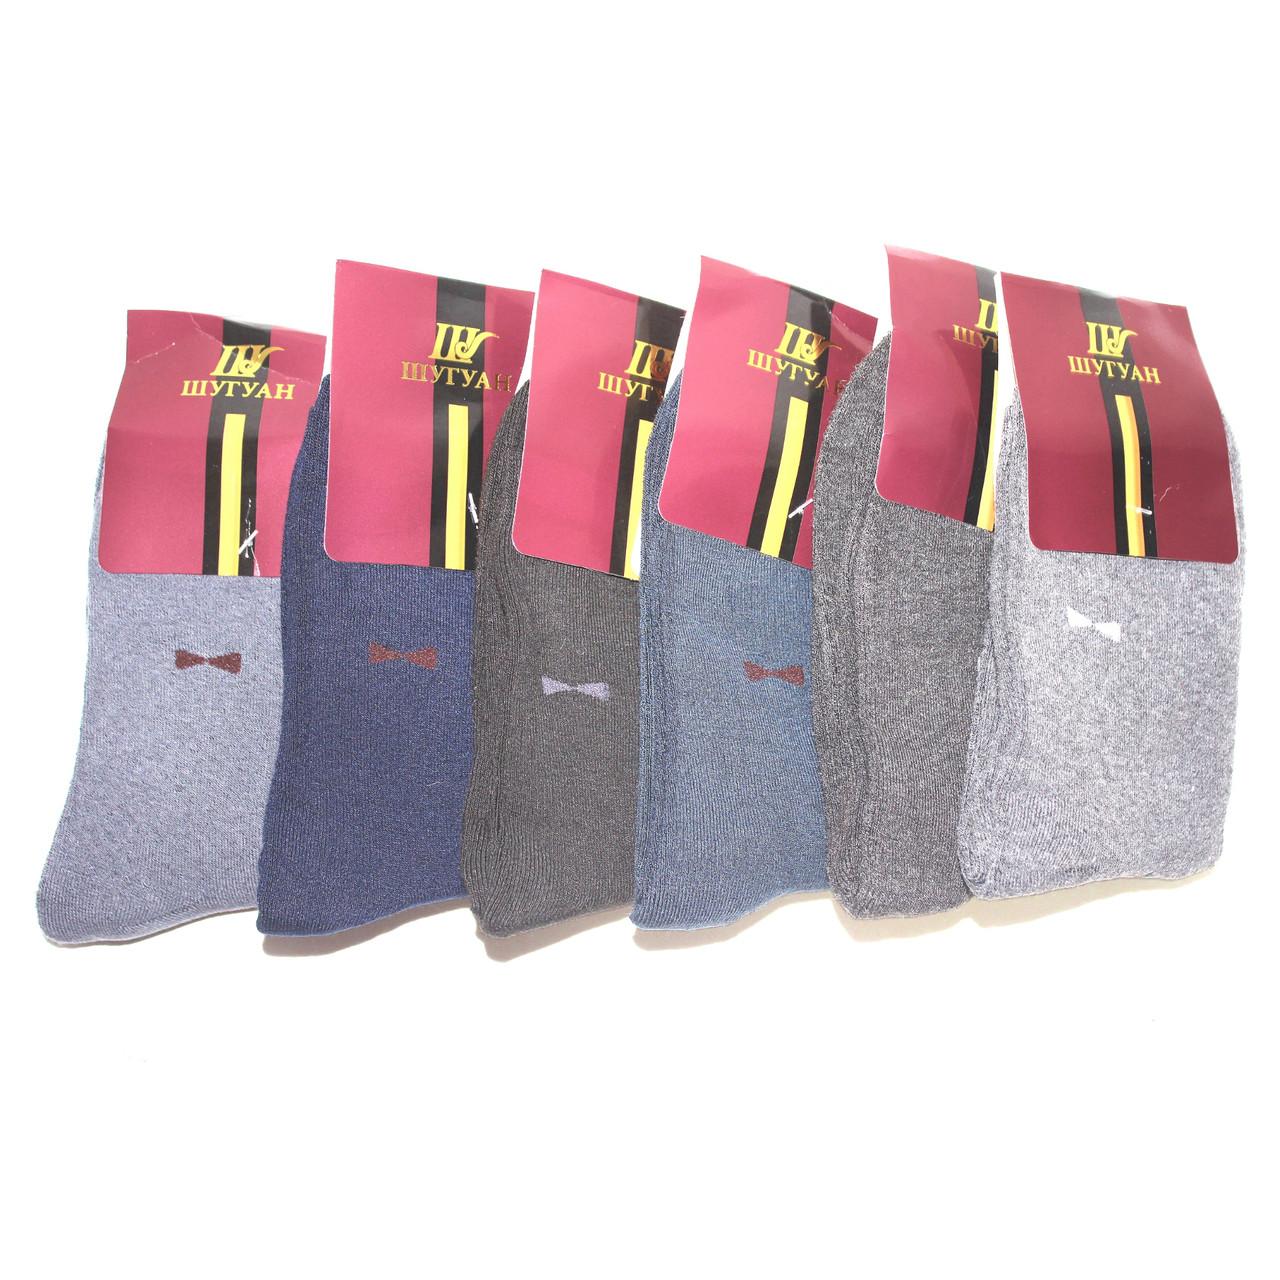 Носки махровые  мужские 9112 (В упаковке 12 пар)